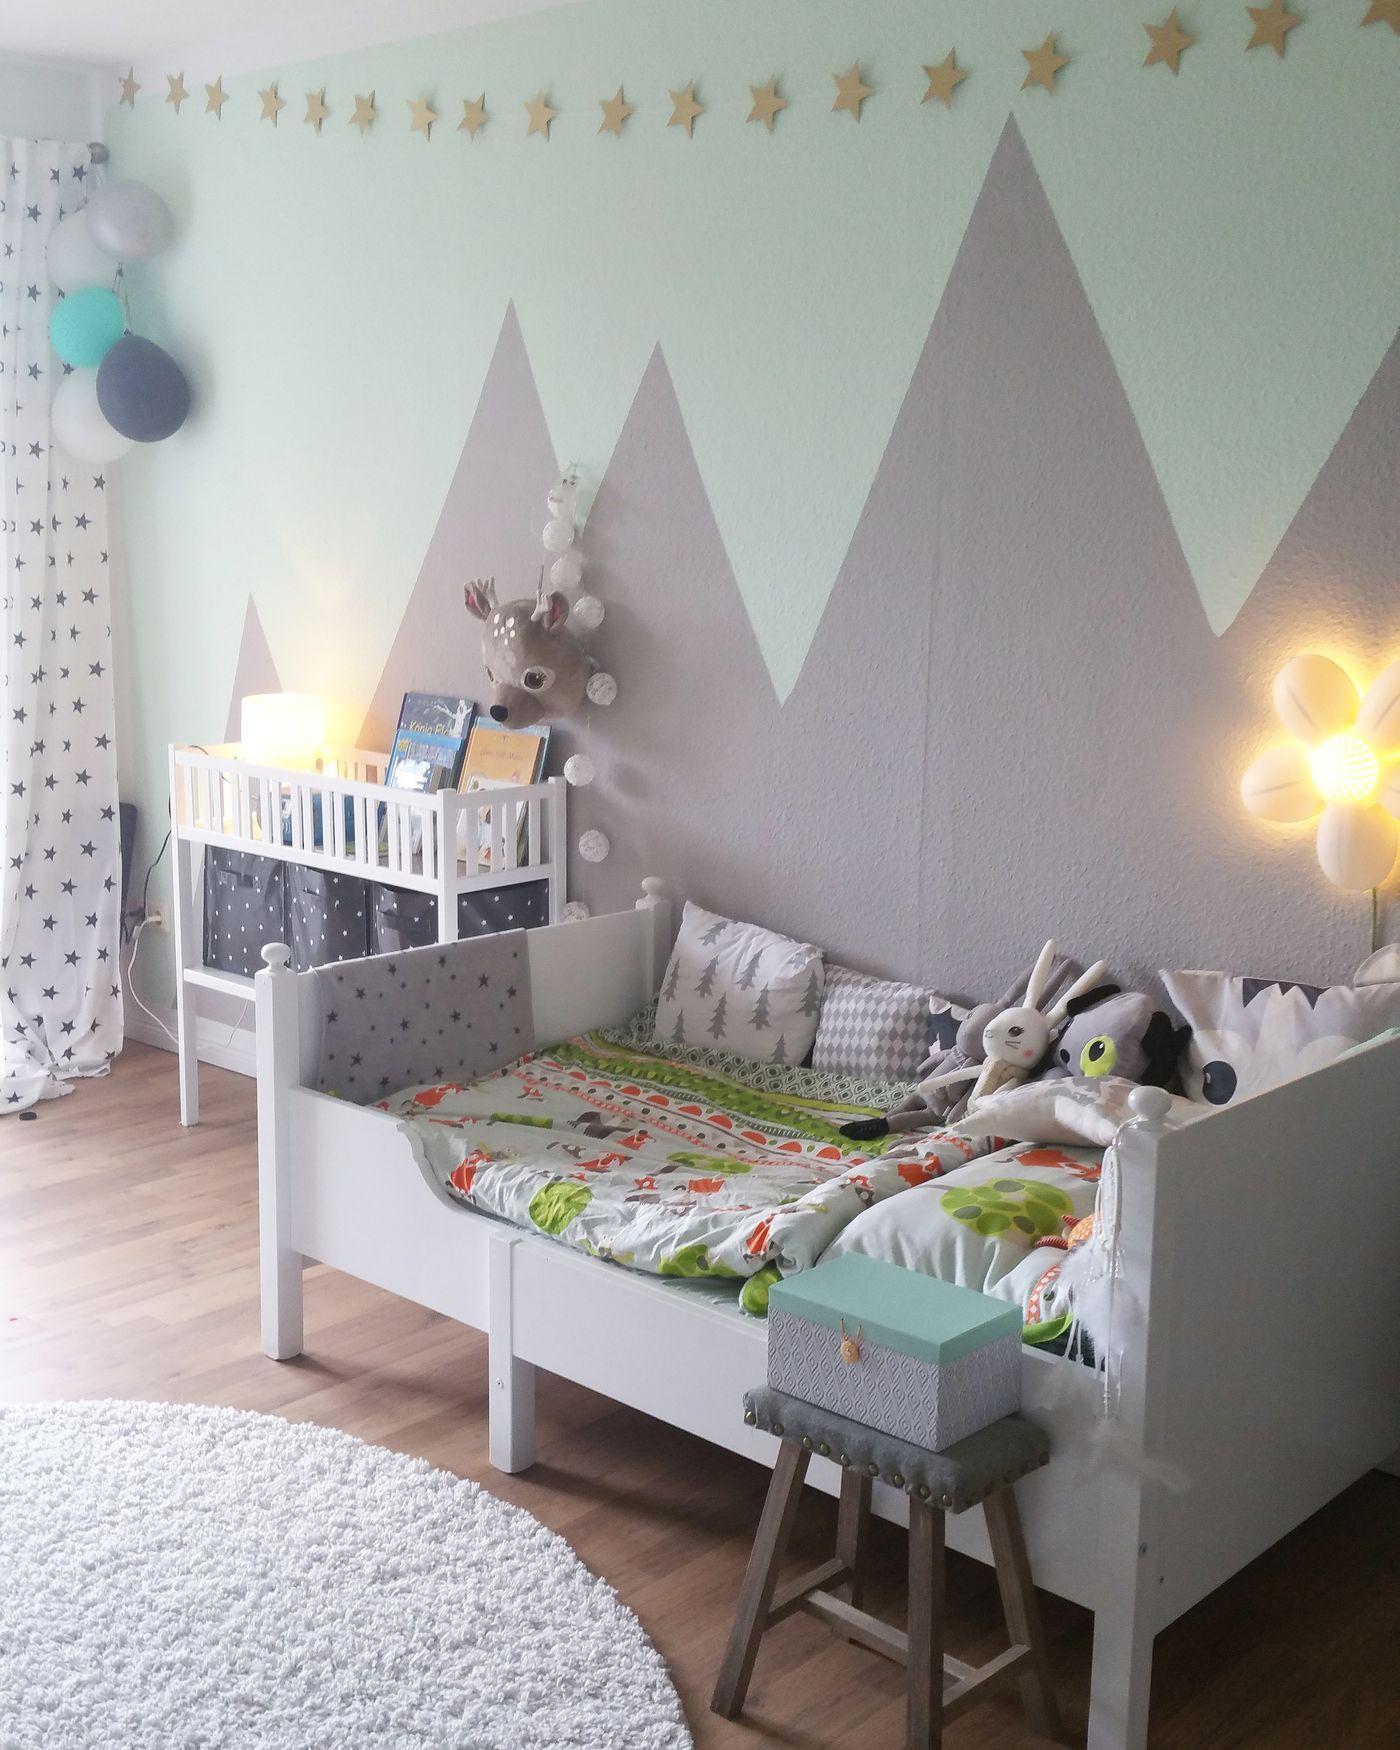 Die besten Ideen für Wandgestaltung im Kinderzimmer